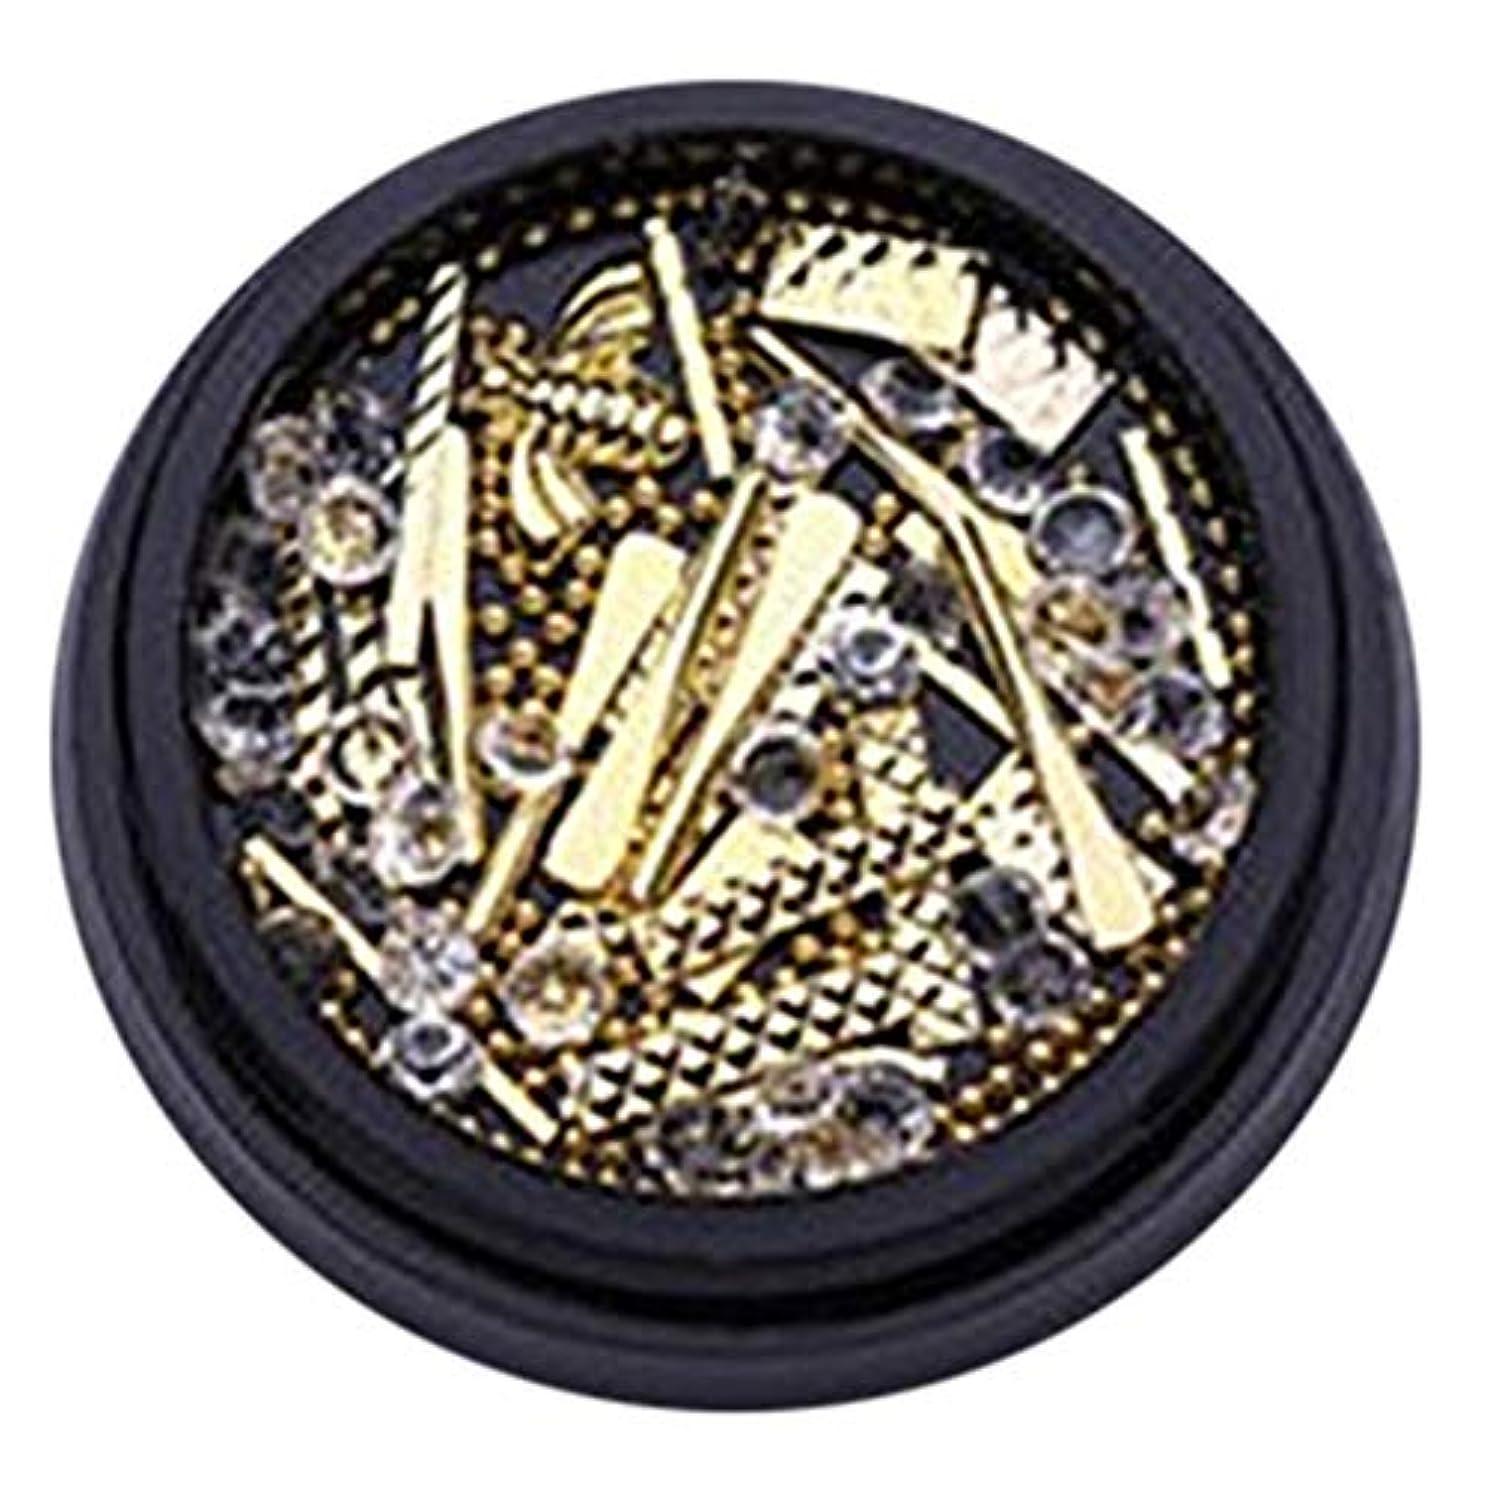 沈黙ナインへぶら下がるhamulekfae-和風可愛い人気ブラクケア金属バー長方形リベットネイルアート宝石ラインストーンデコレーションホイールDIYのヒント - ゴールデンGolden